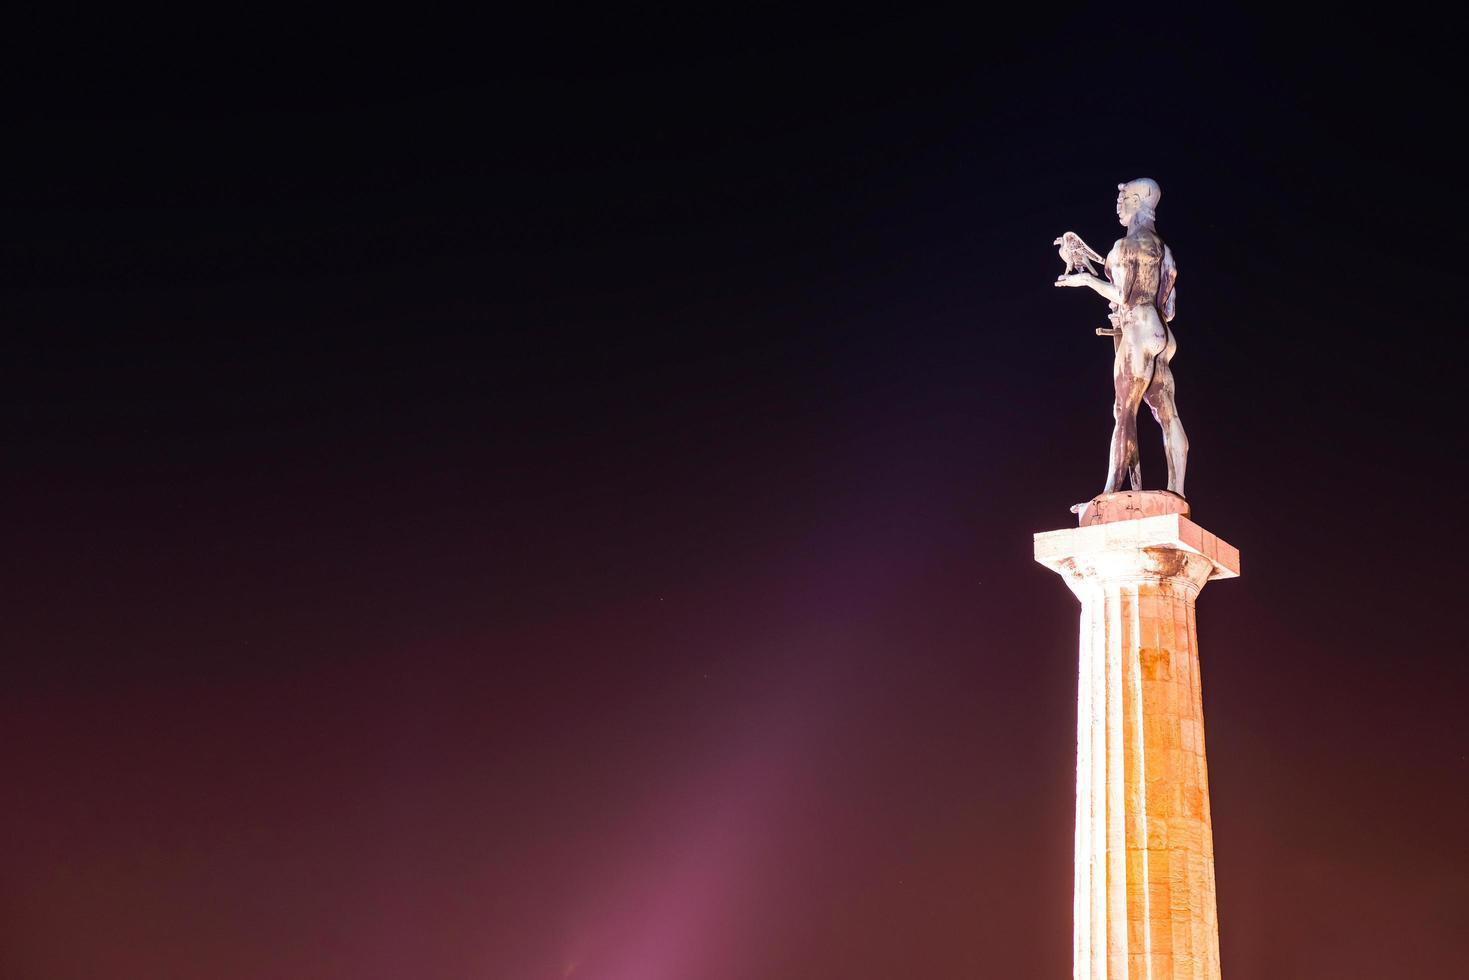 das Siegerdenkmal auf der Festung Kalemegdan bei Nacht in Belgrad, Serbien foto